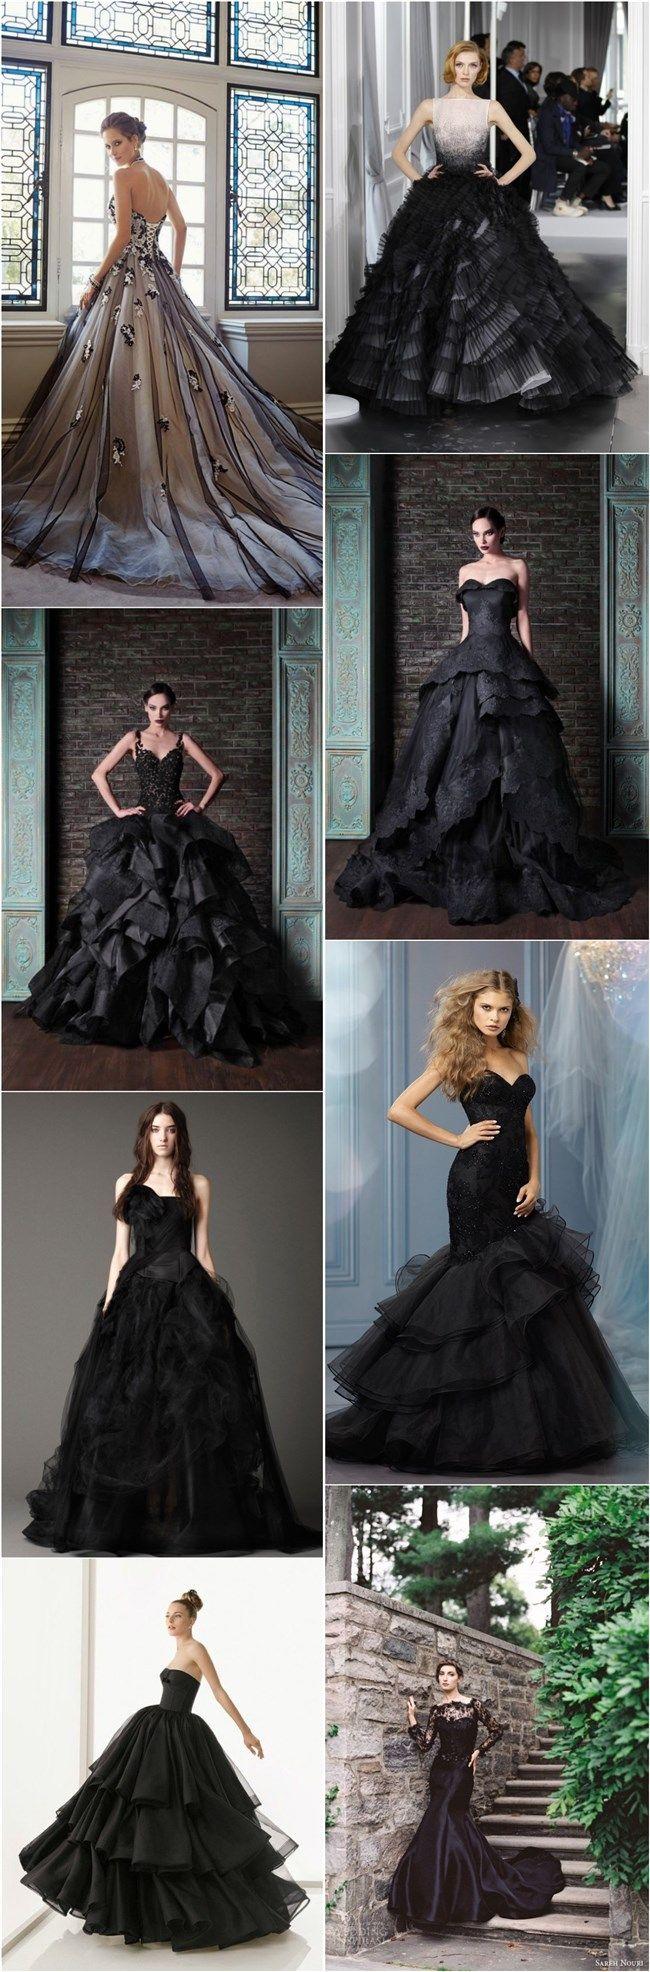 20 Gorgeous Black Wedding Dresses   Schöne kleider, Hochzeit ...